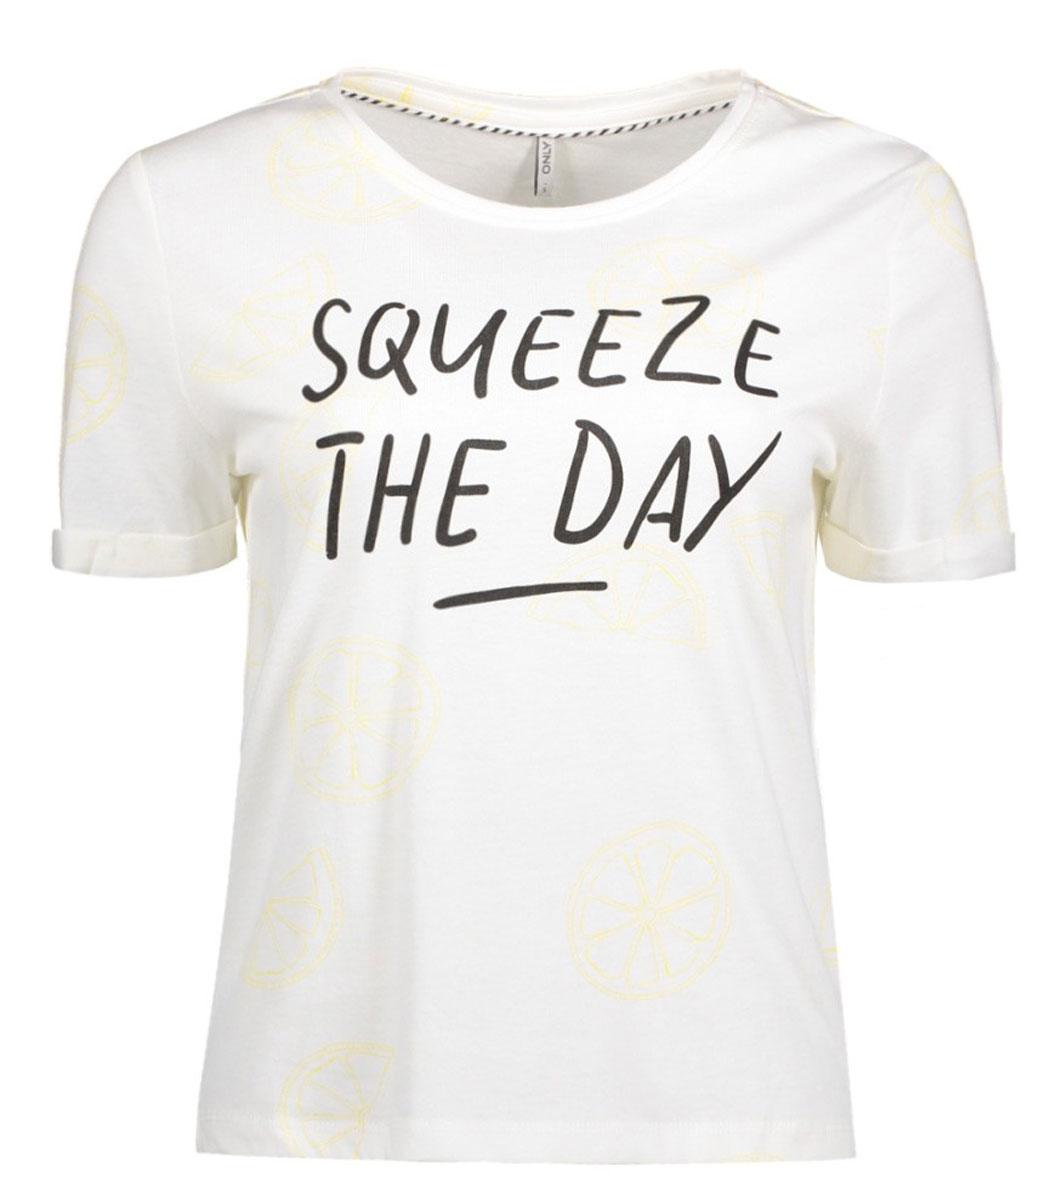 Футболка женская Only, цвет: белый. 15135457_Cloud Dancer. Размер M (46)15135457_Cloud DancerСтильная женская футболка Only, выполненная из 100% хлопка, подчеркнет ваш стиль и поможет создать оригинальный образ. Модель имеет короткие рукава и круглый вырез горловины. Изделие дополнено надписью: Squeeze the day.